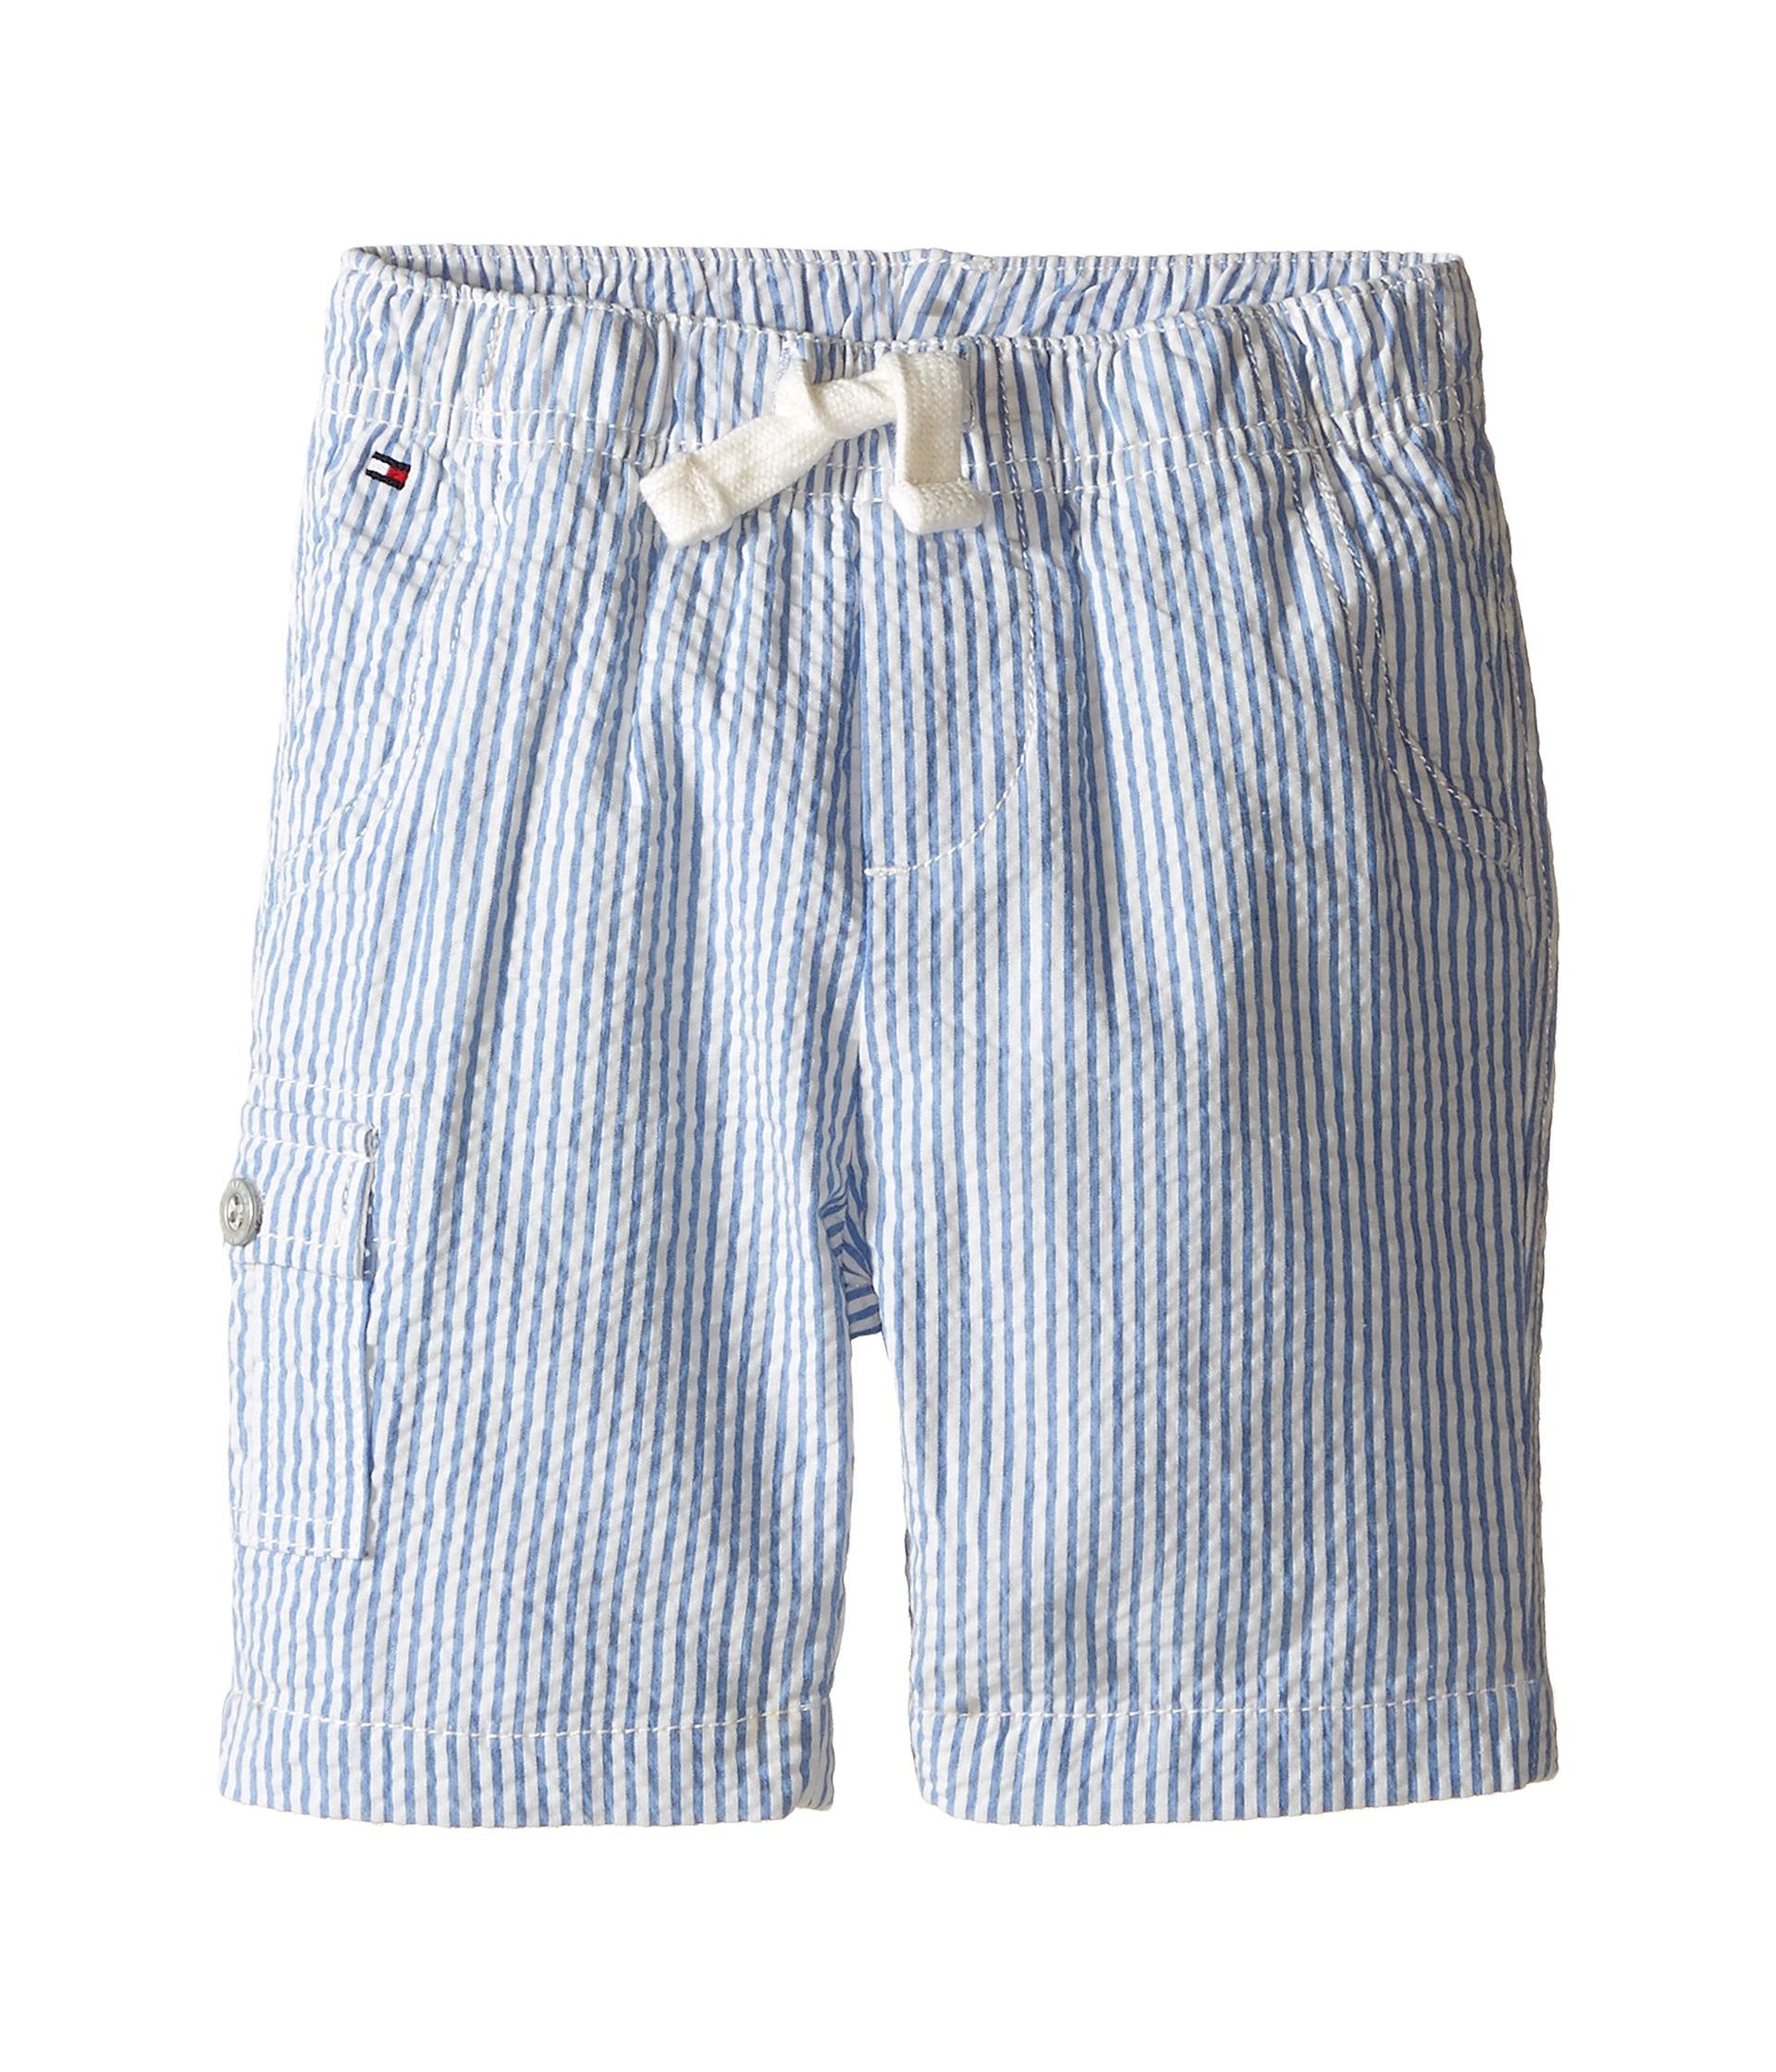 tommy hilfiger kids tom seersucker pull on shorts infant free shipping both ways. Black Bedroom Furniture Sets. Home Design Ideas